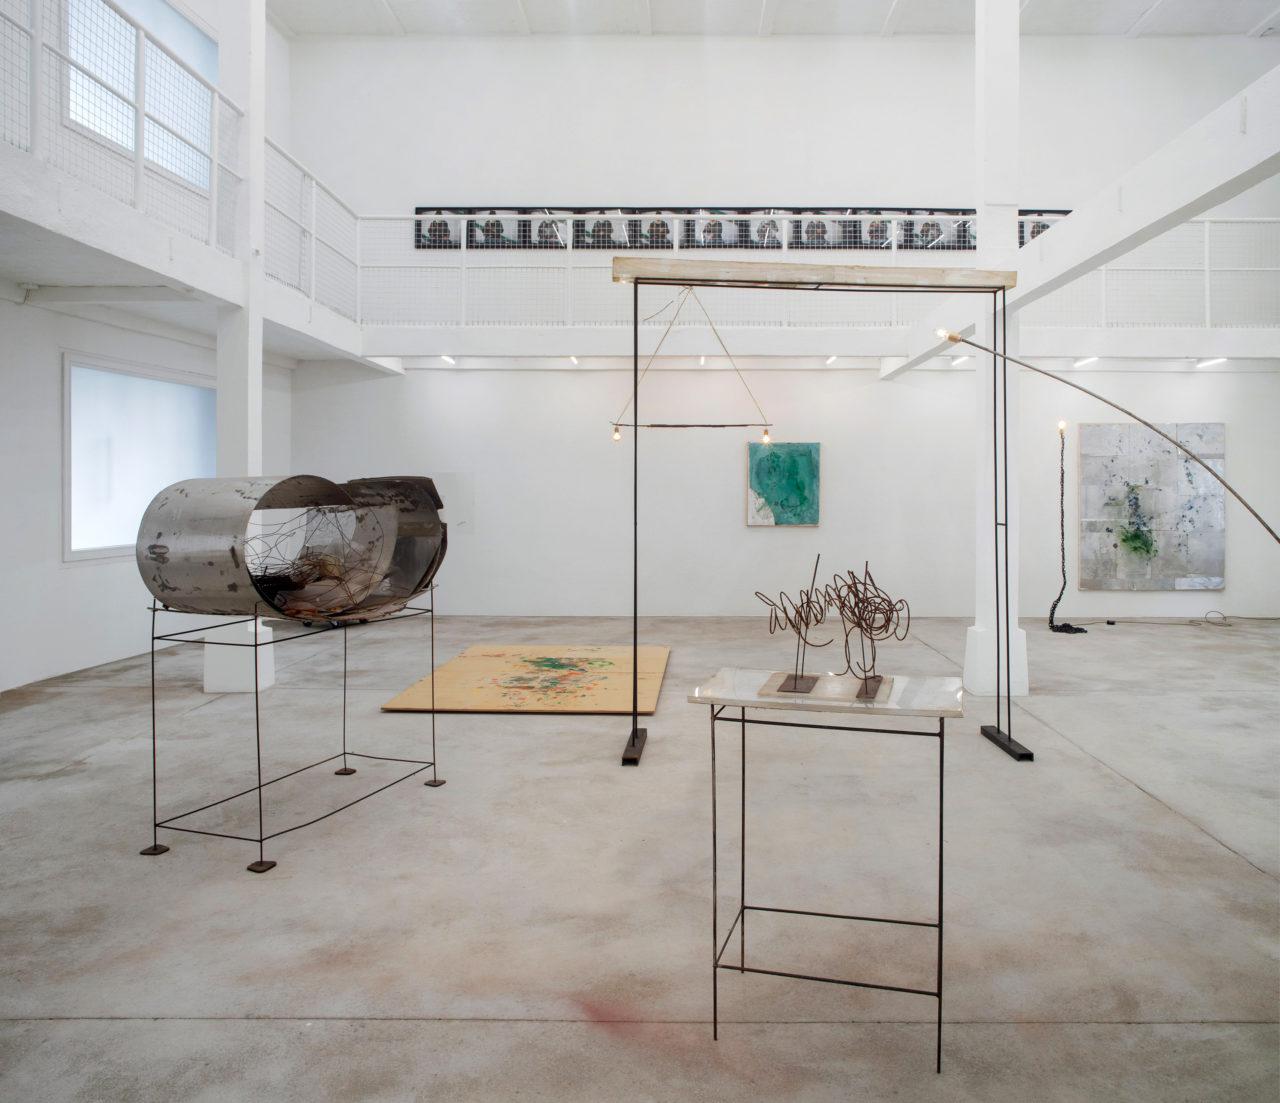 Rudolf Polanszky beleuchtet von F. West, Installation vies